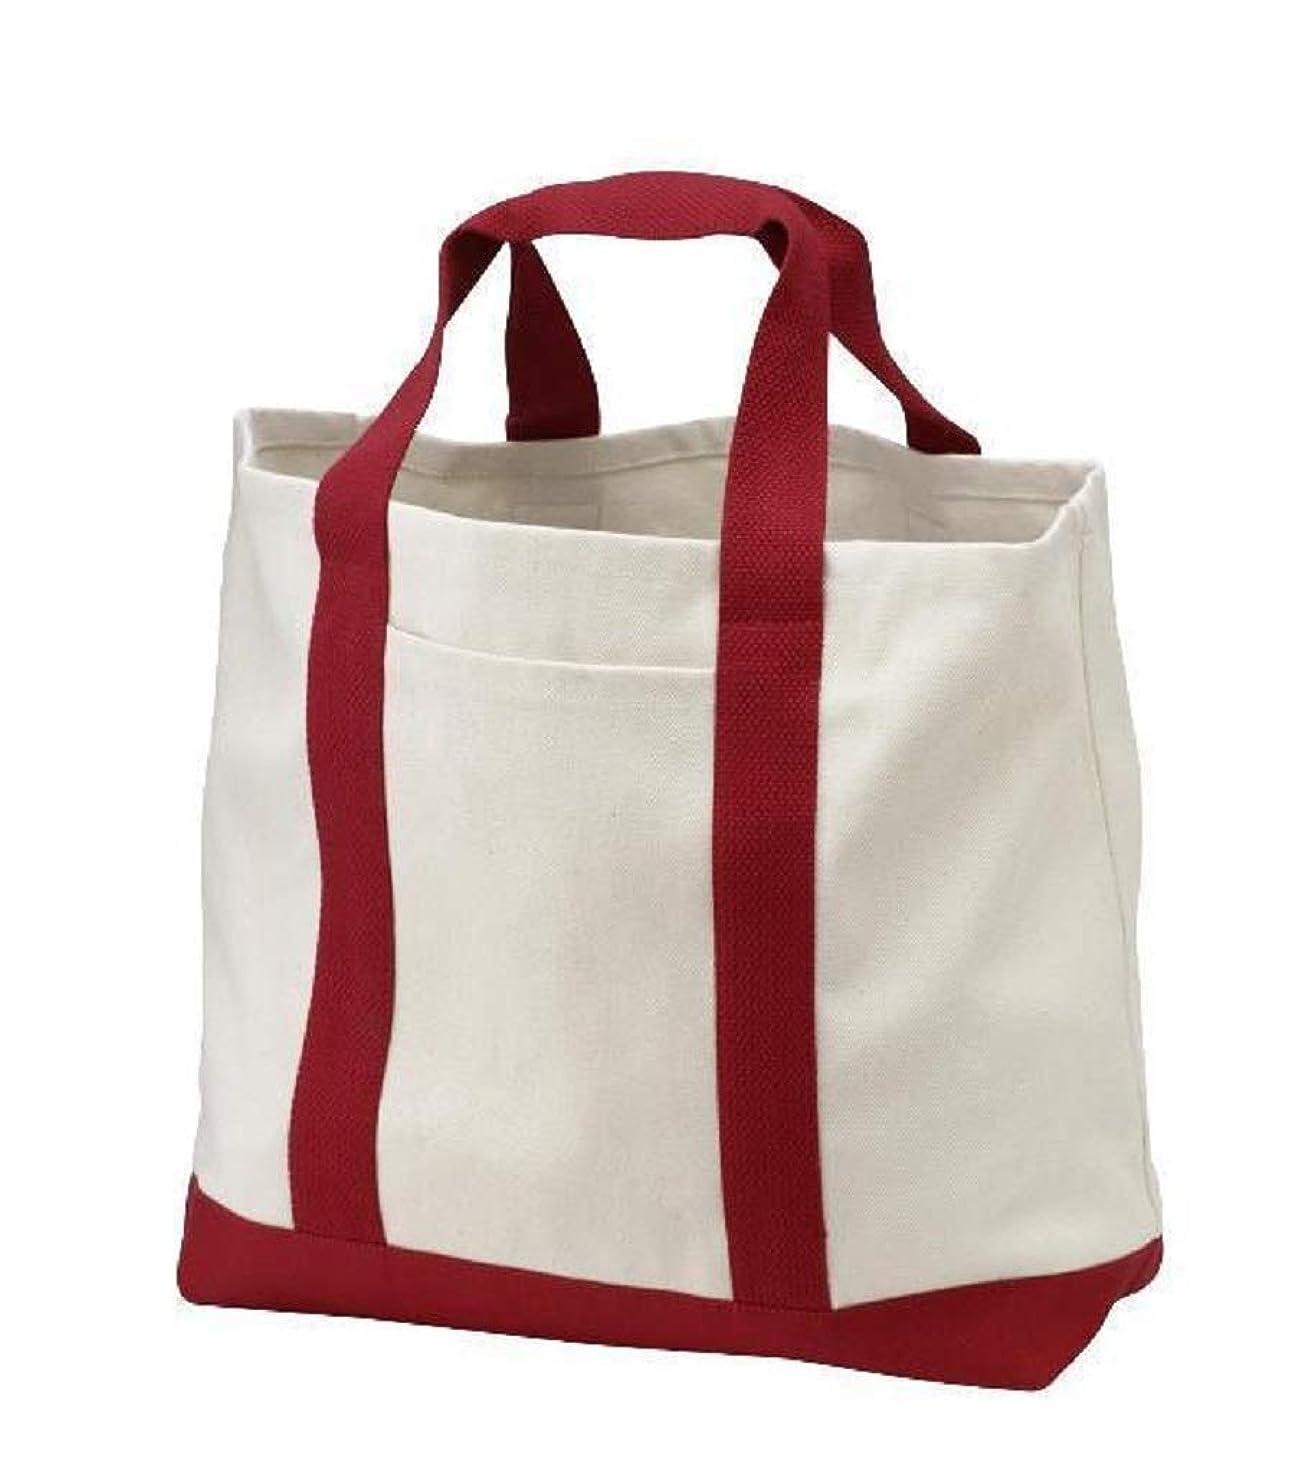 数学知覚するこするTBF Bags 再利用可能な食料品のトートバッグ フロントポケット付き 高耐久 キャンバス ショッピングトート ビーチ、旅行、ピクニックに L レッド